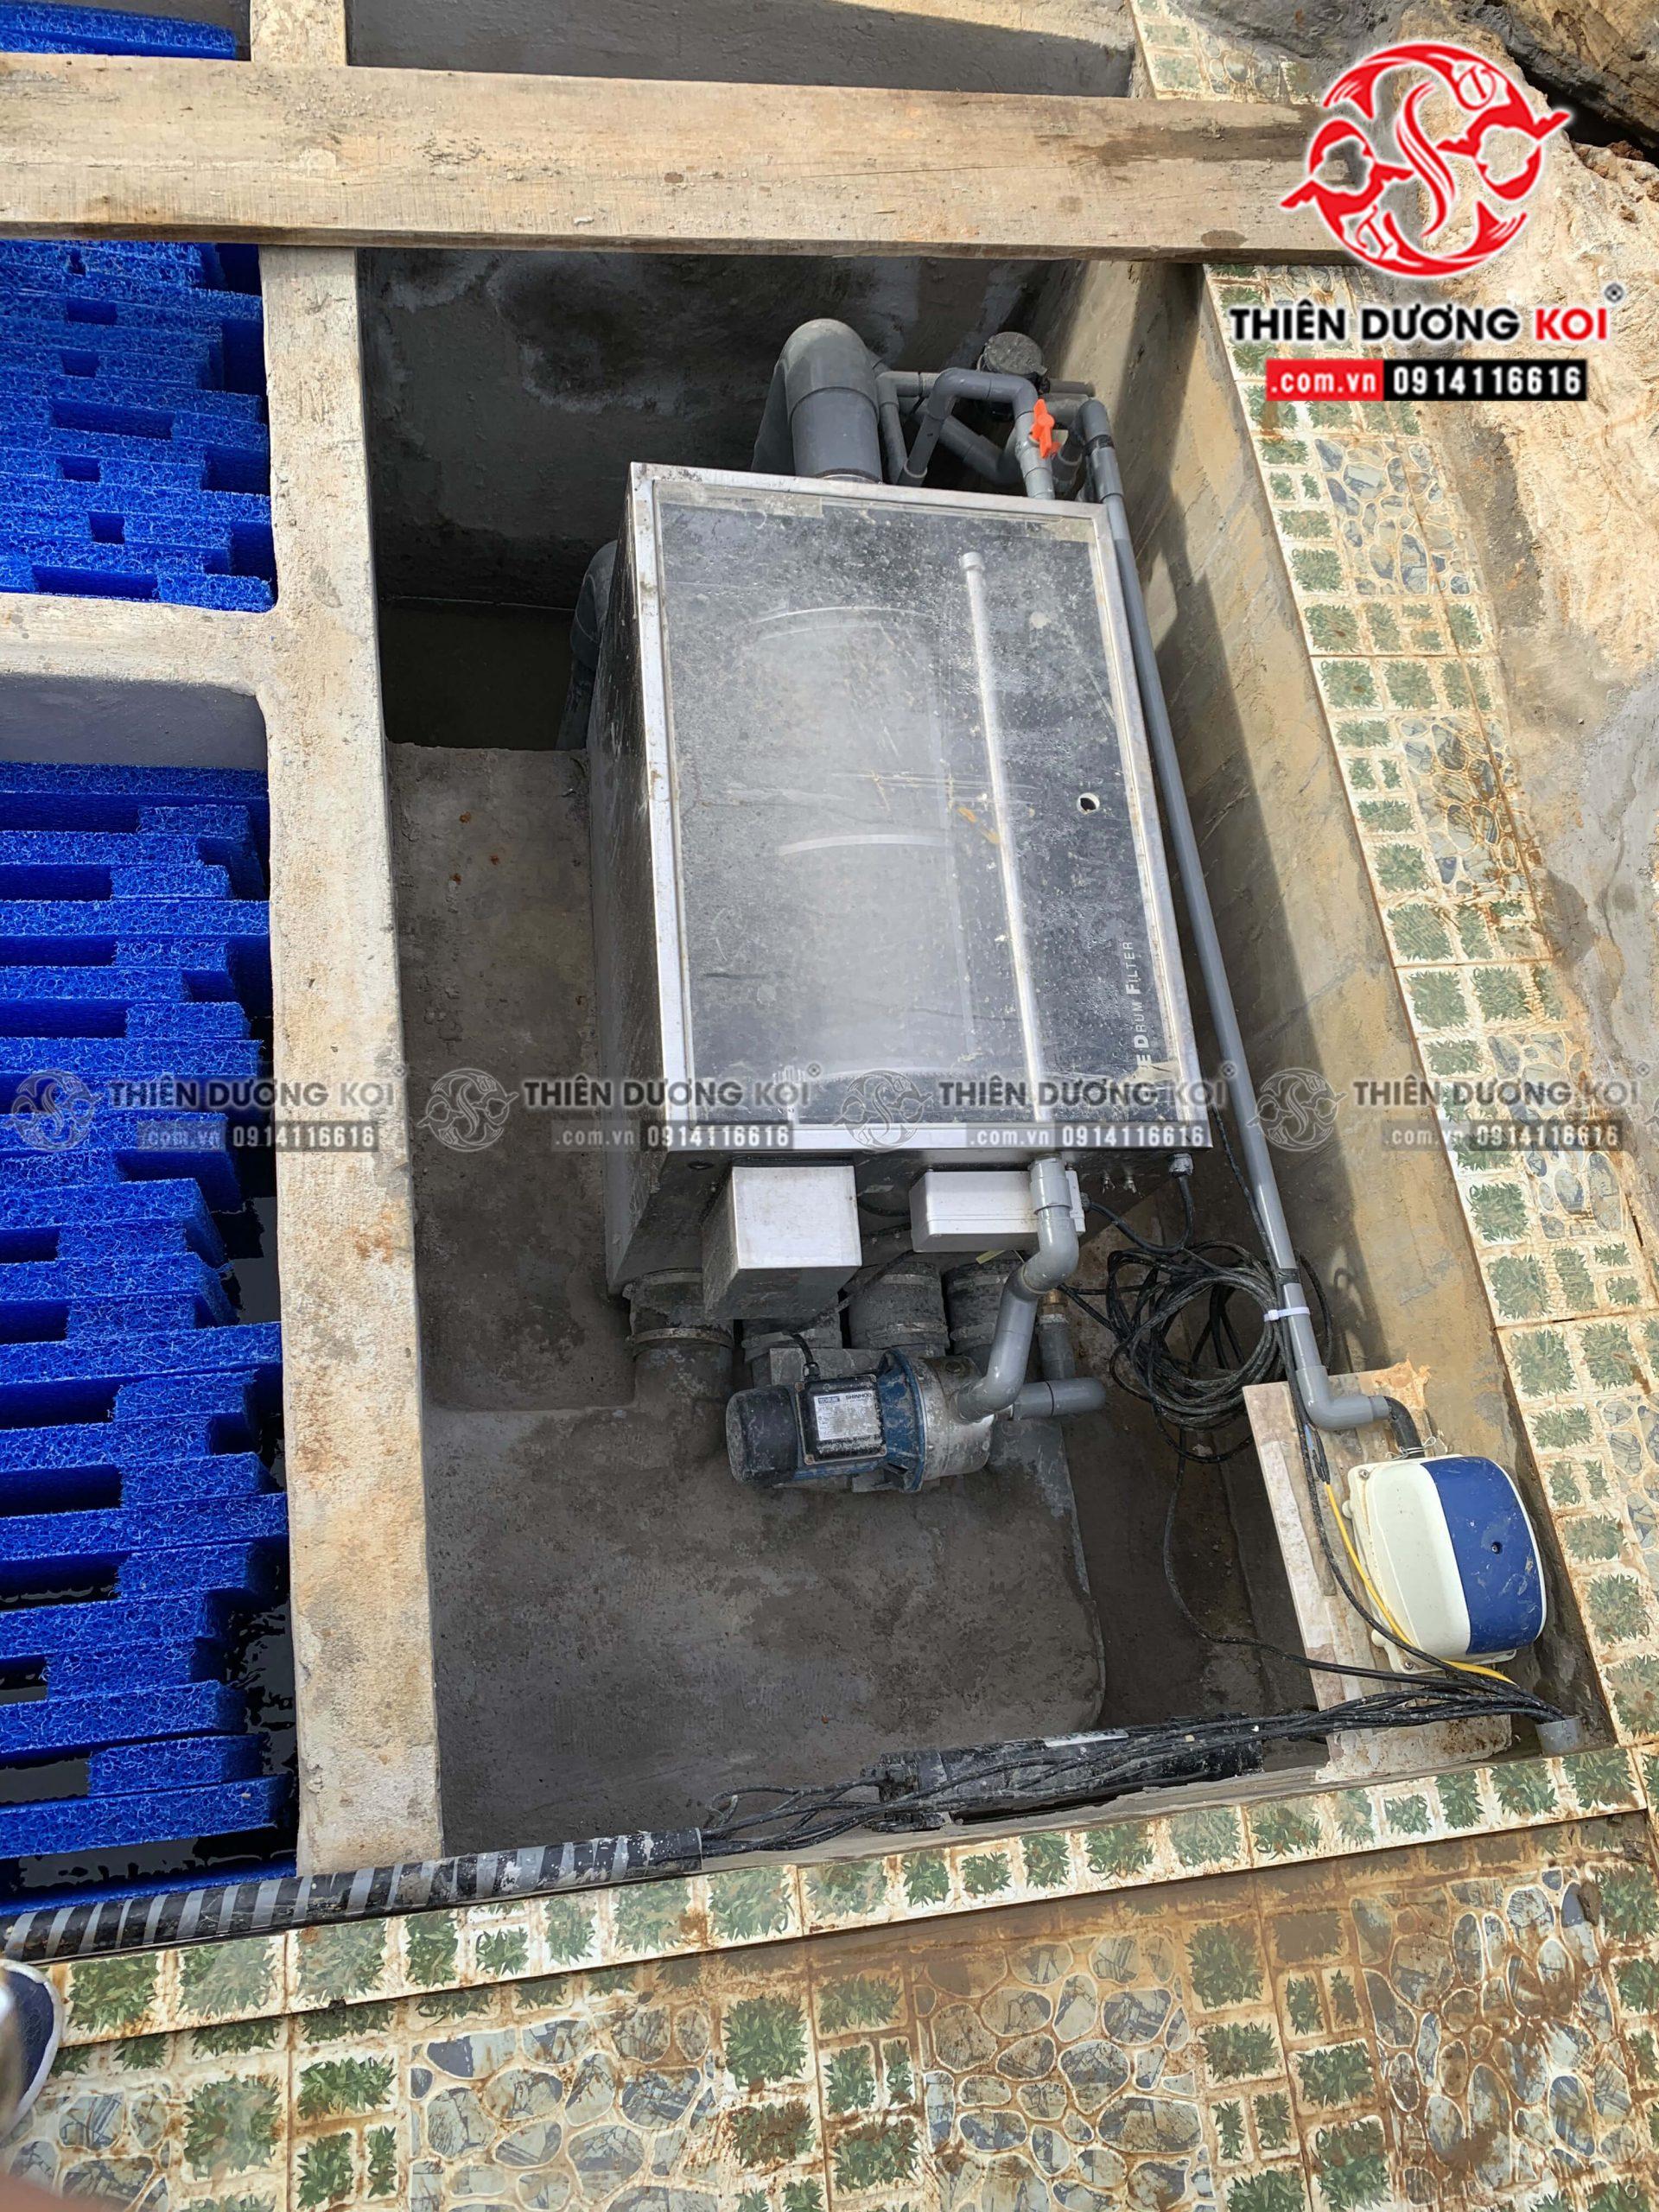 Hệ thống lọc nước hồ Koi chất lượng được Thiên Dương Koi lắp đặt